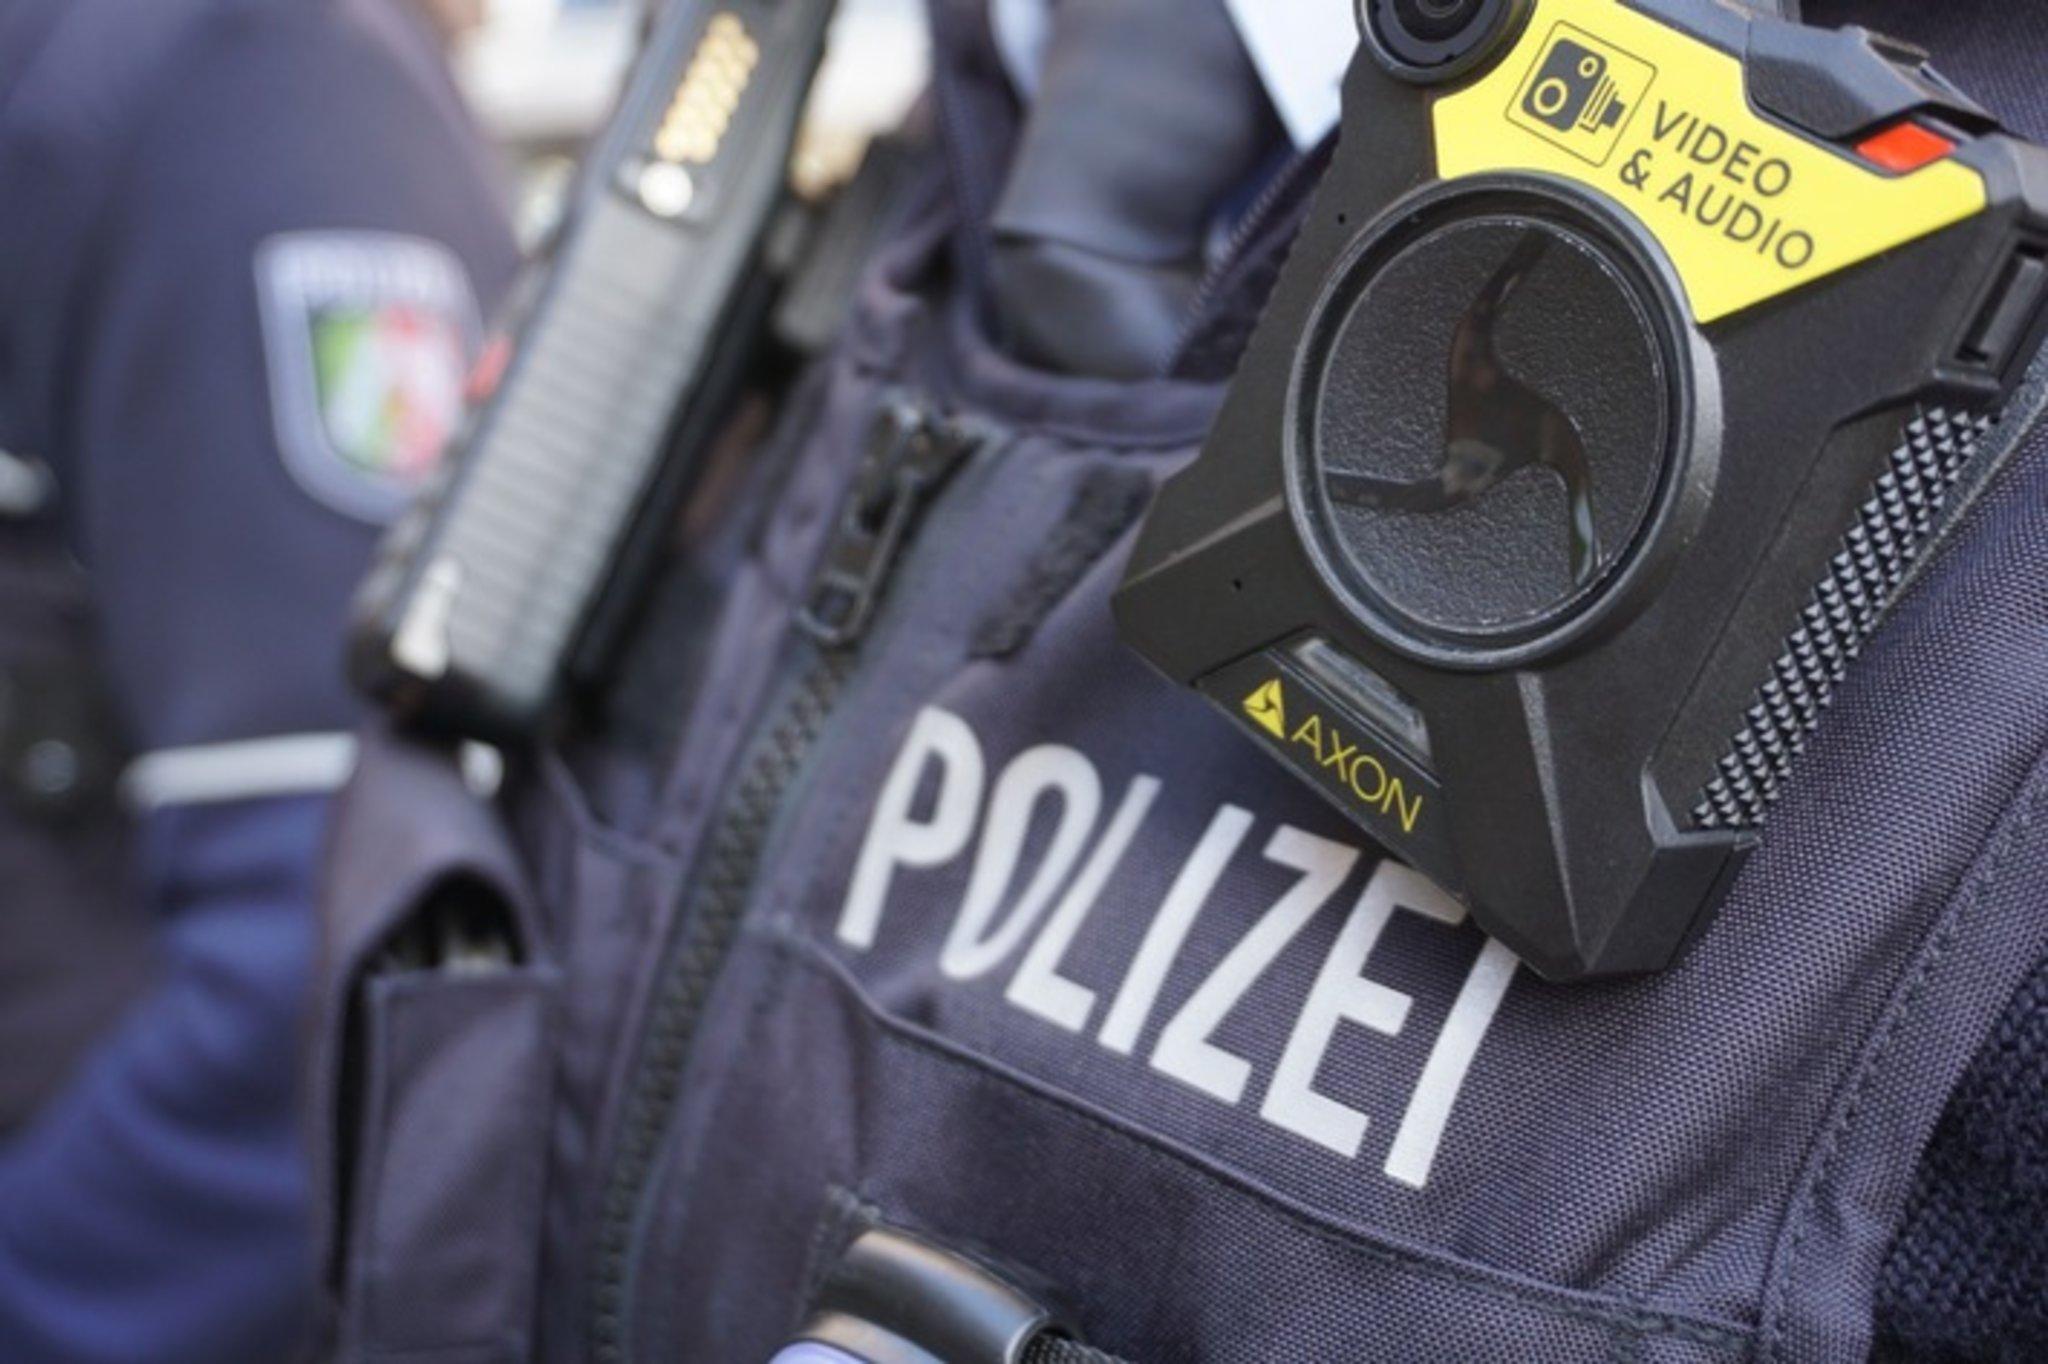 Neue Technik für die Polizei in Marl - Marl - Lokalkompass.de